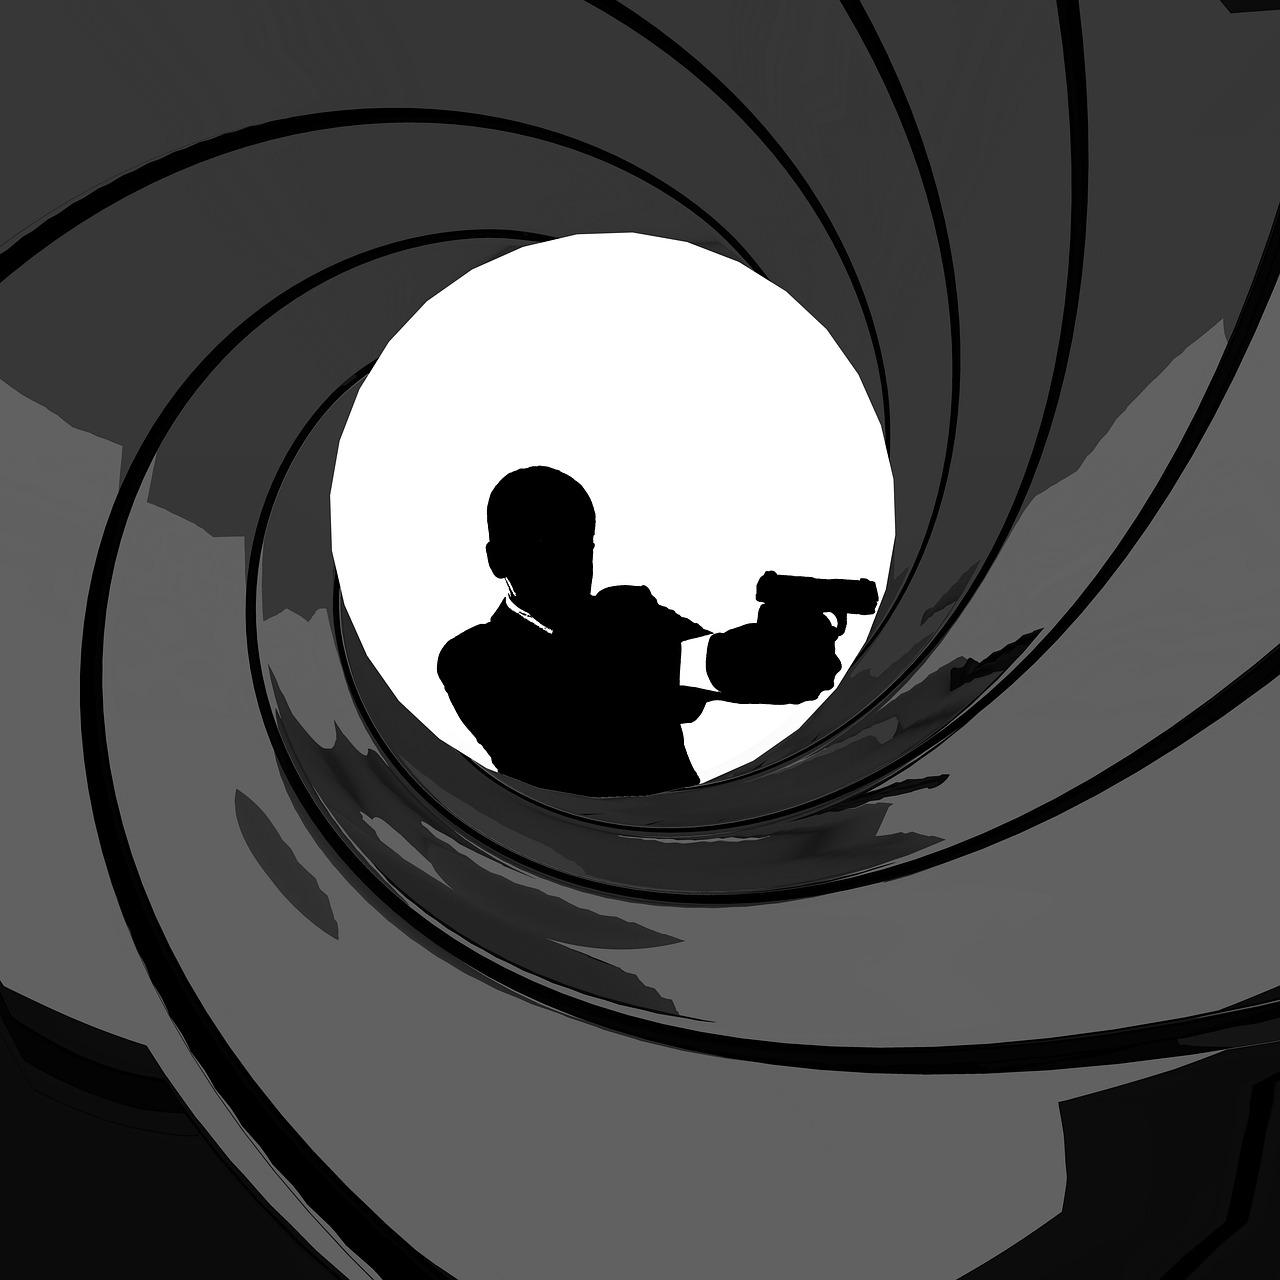 James Bond Logo with a gun.